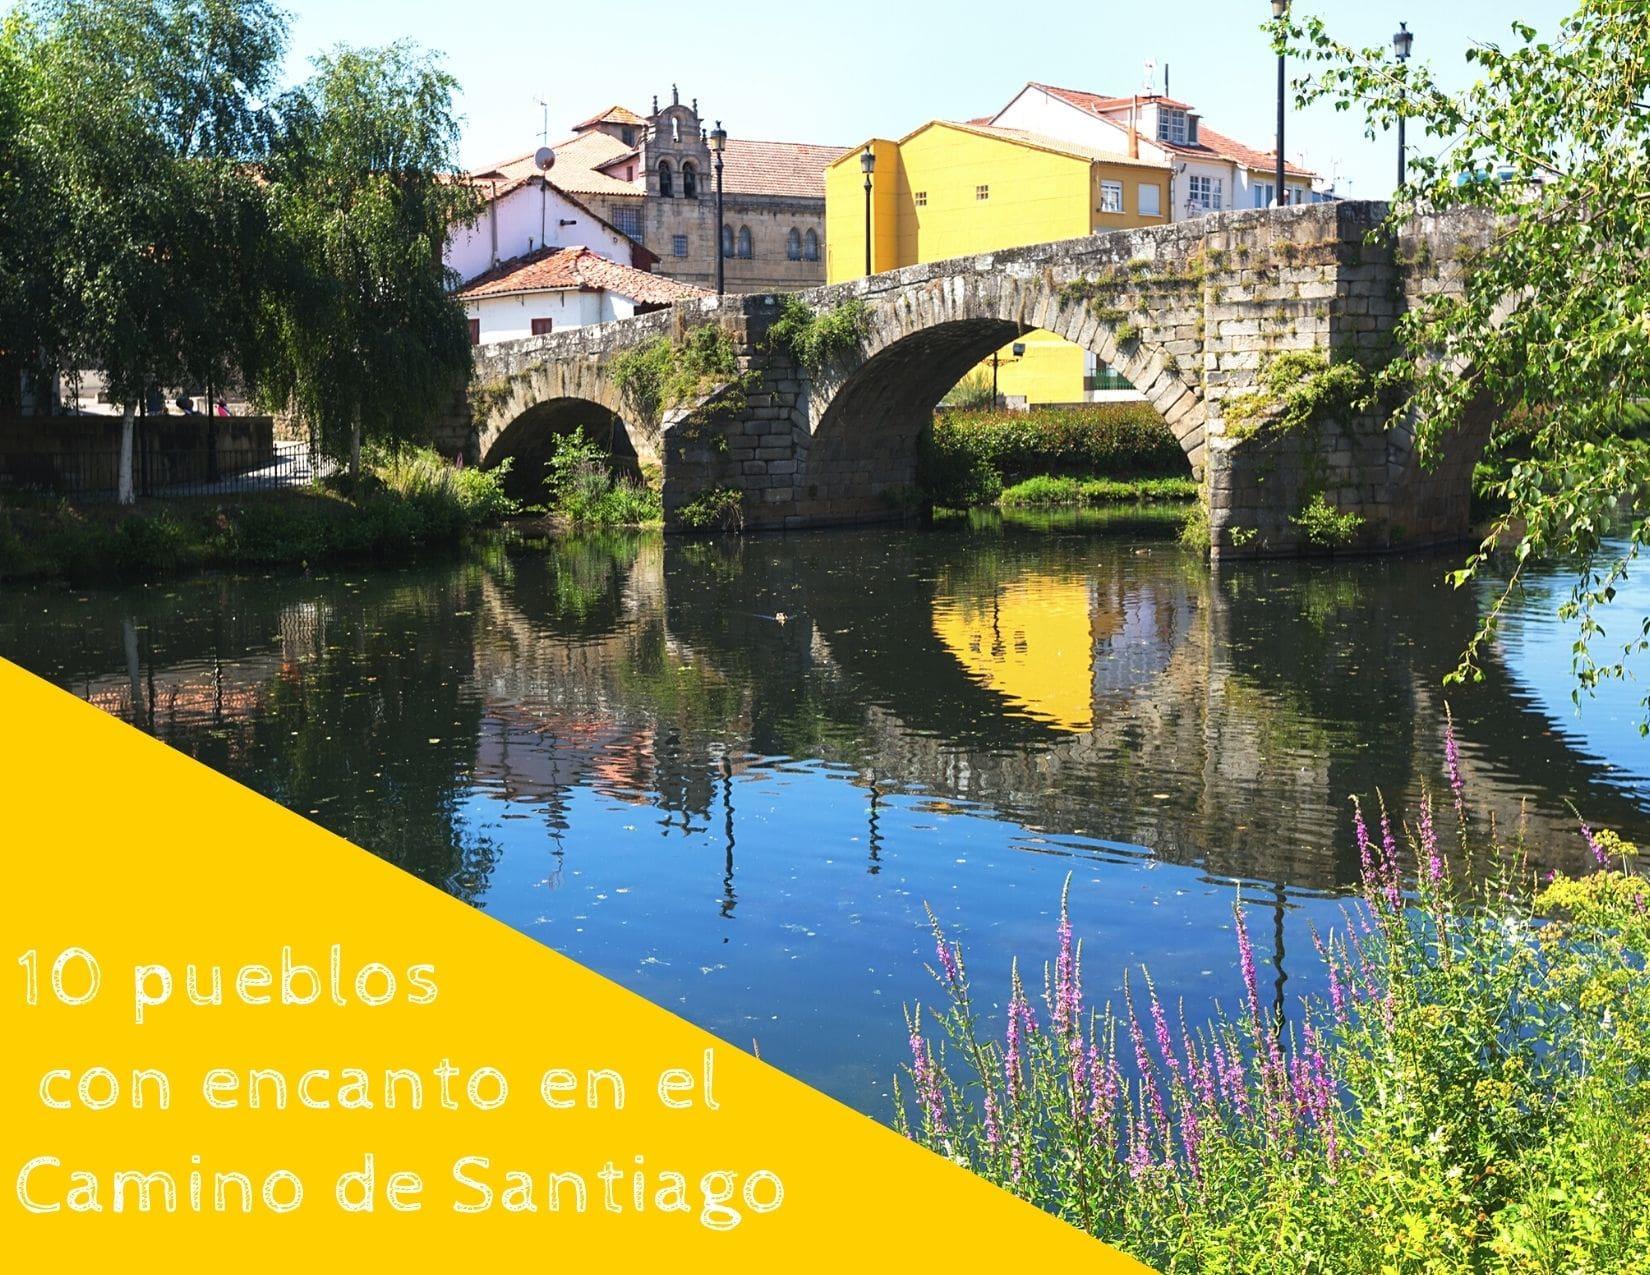 10 pueblos con encanto en el Camino de Santiago